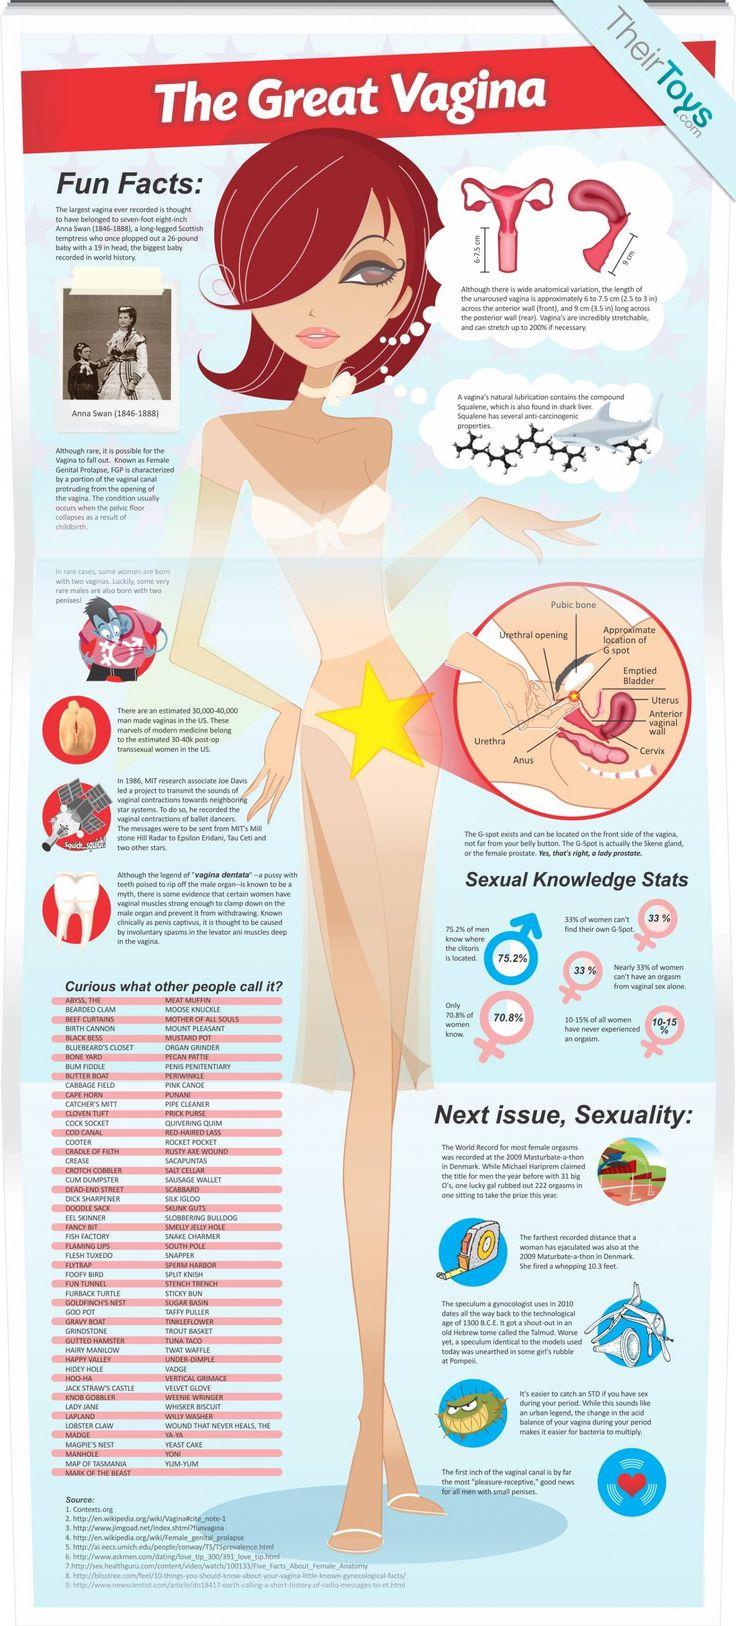 8 Imágenes Sexo Mejor anatomía humana en Pinterest anatomía, cuerpo humano y el feminismo-1790